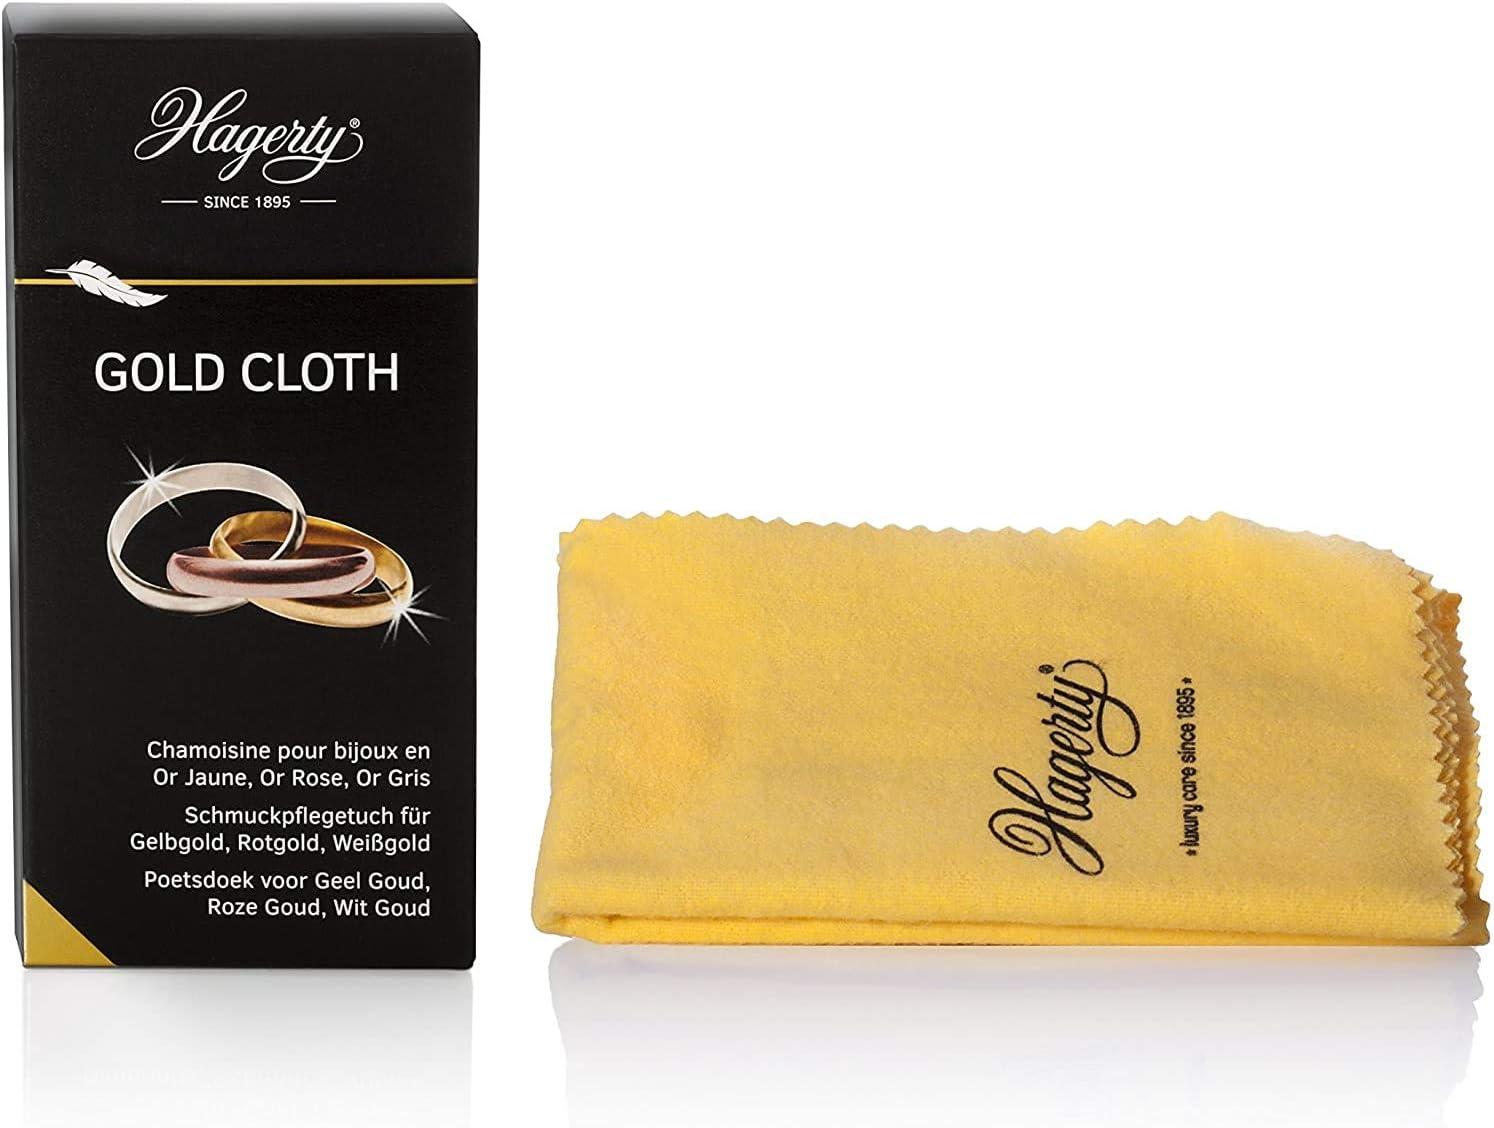 Hagerty Gold Cloth Limpieza para el Hogar